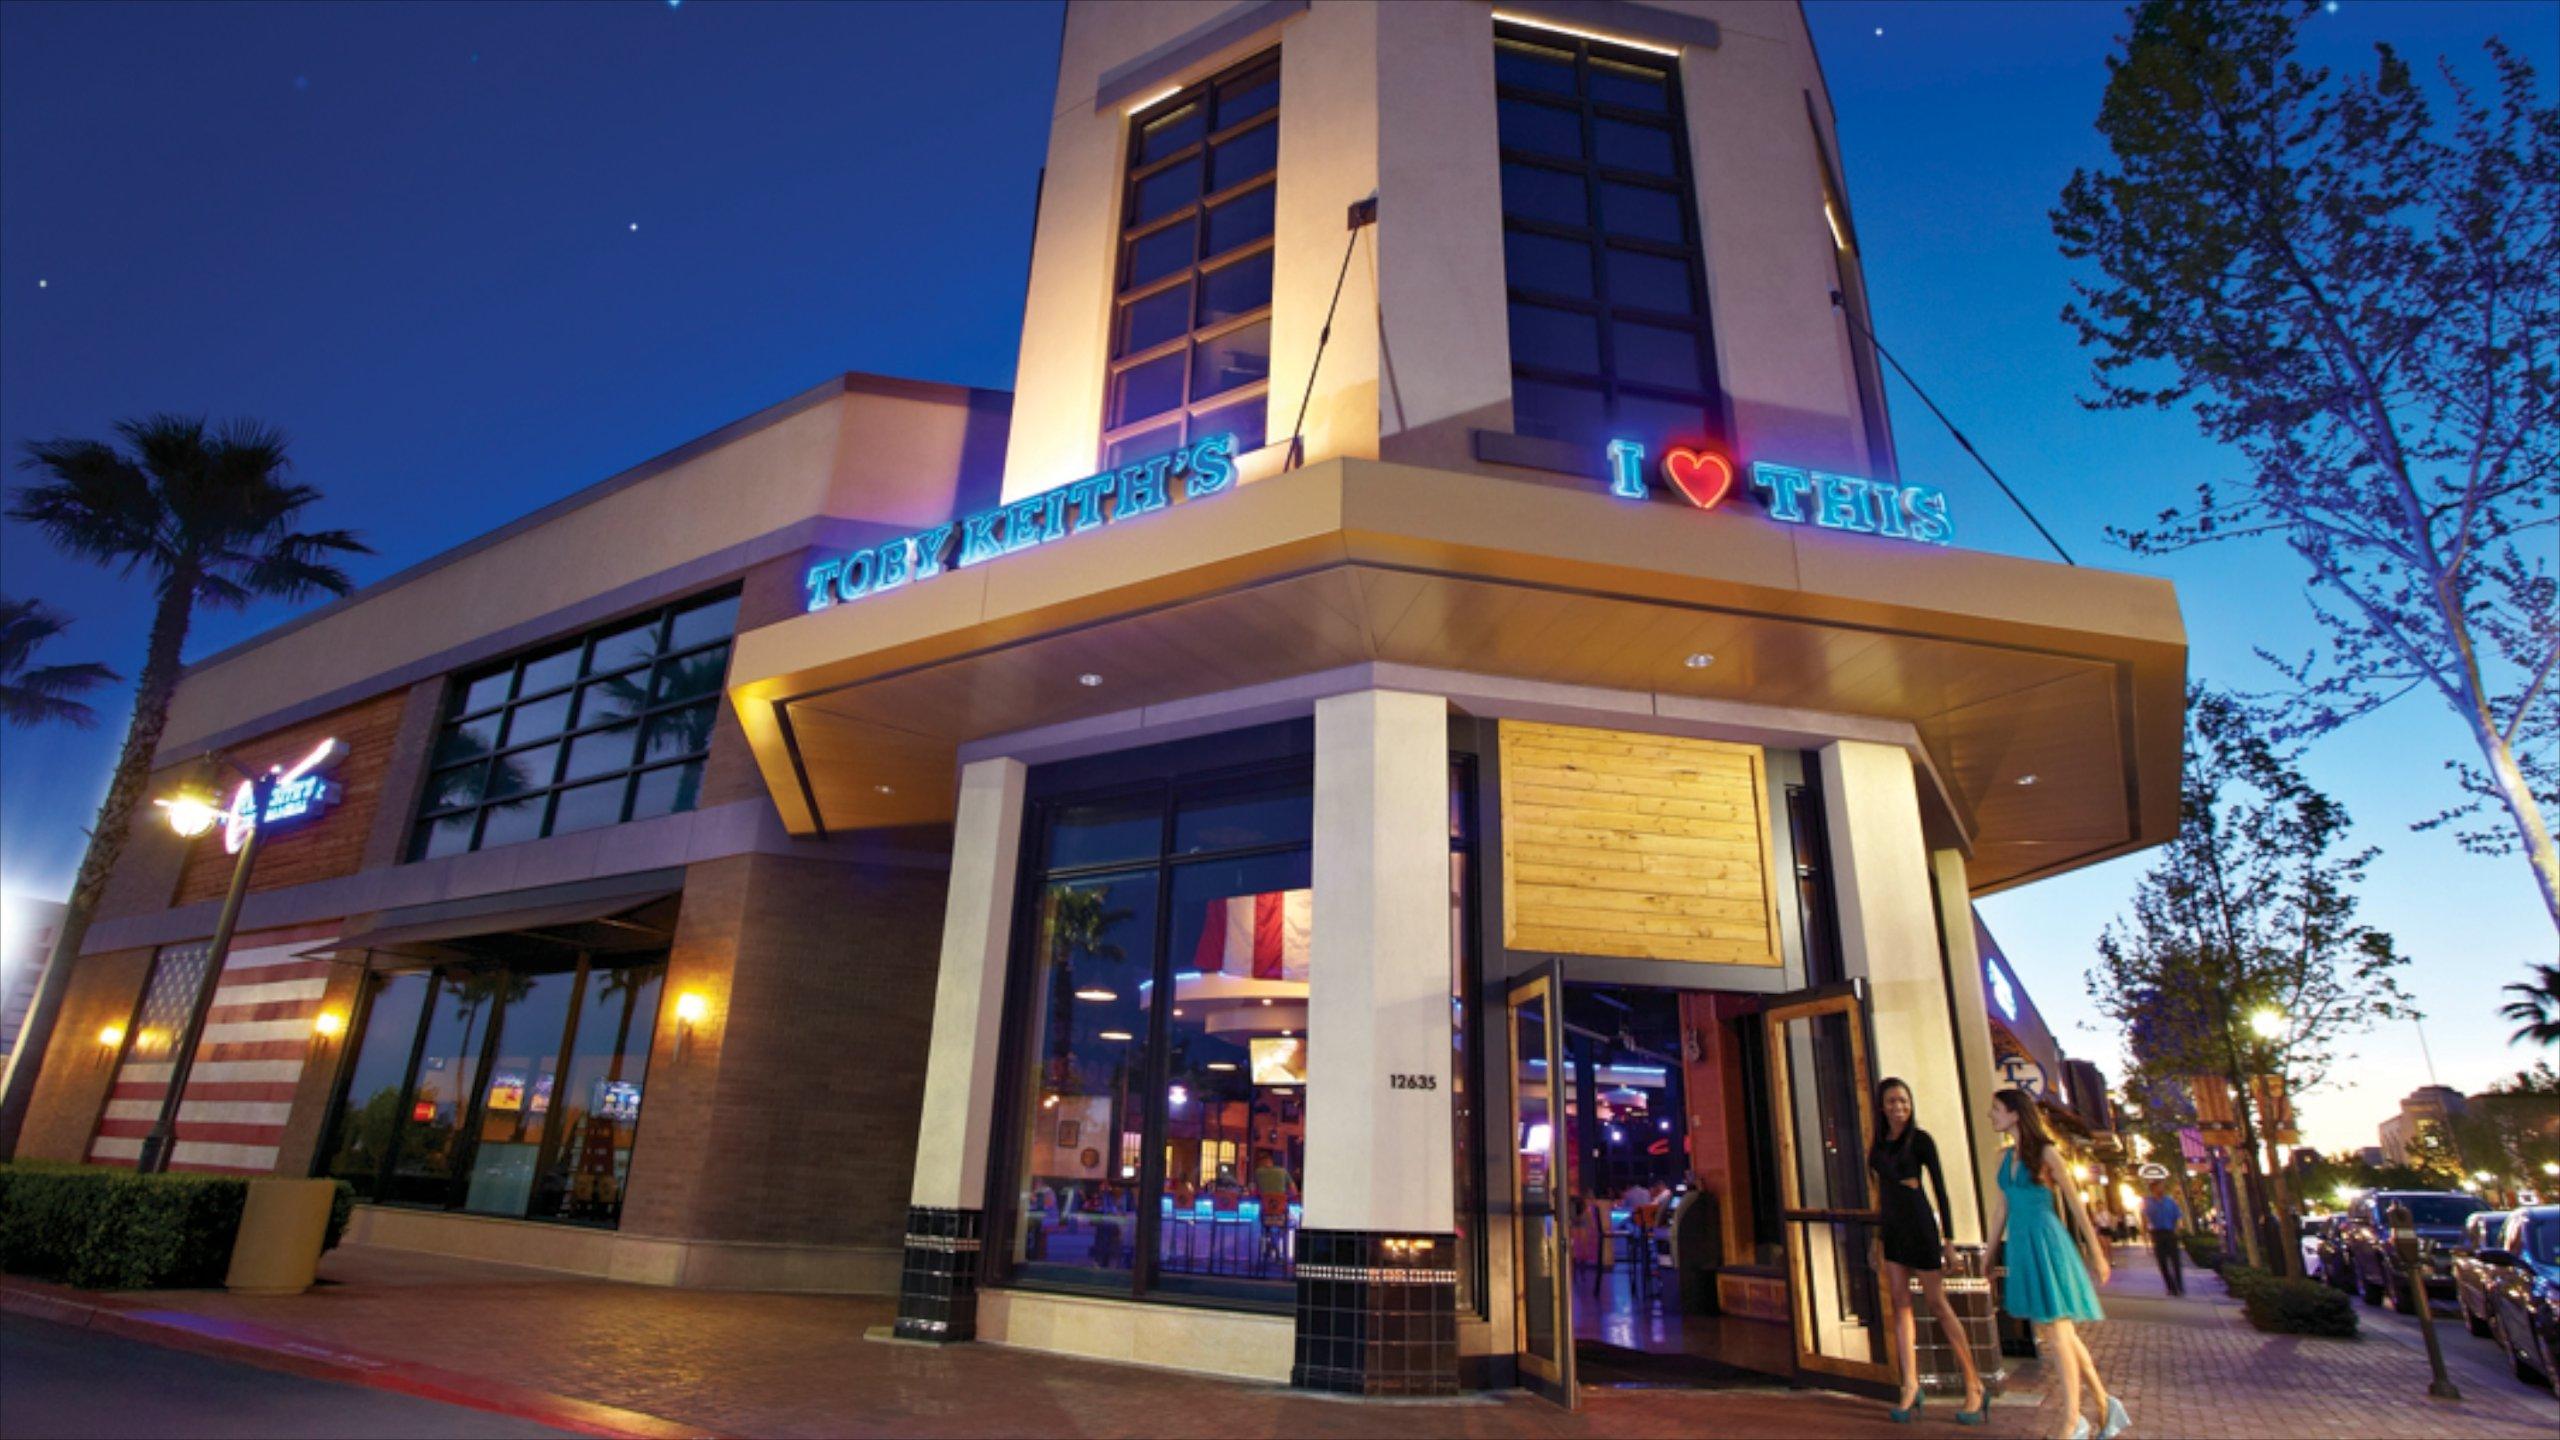 Casino in ontario california cabaret theatre du casino du lac-leamy december 7